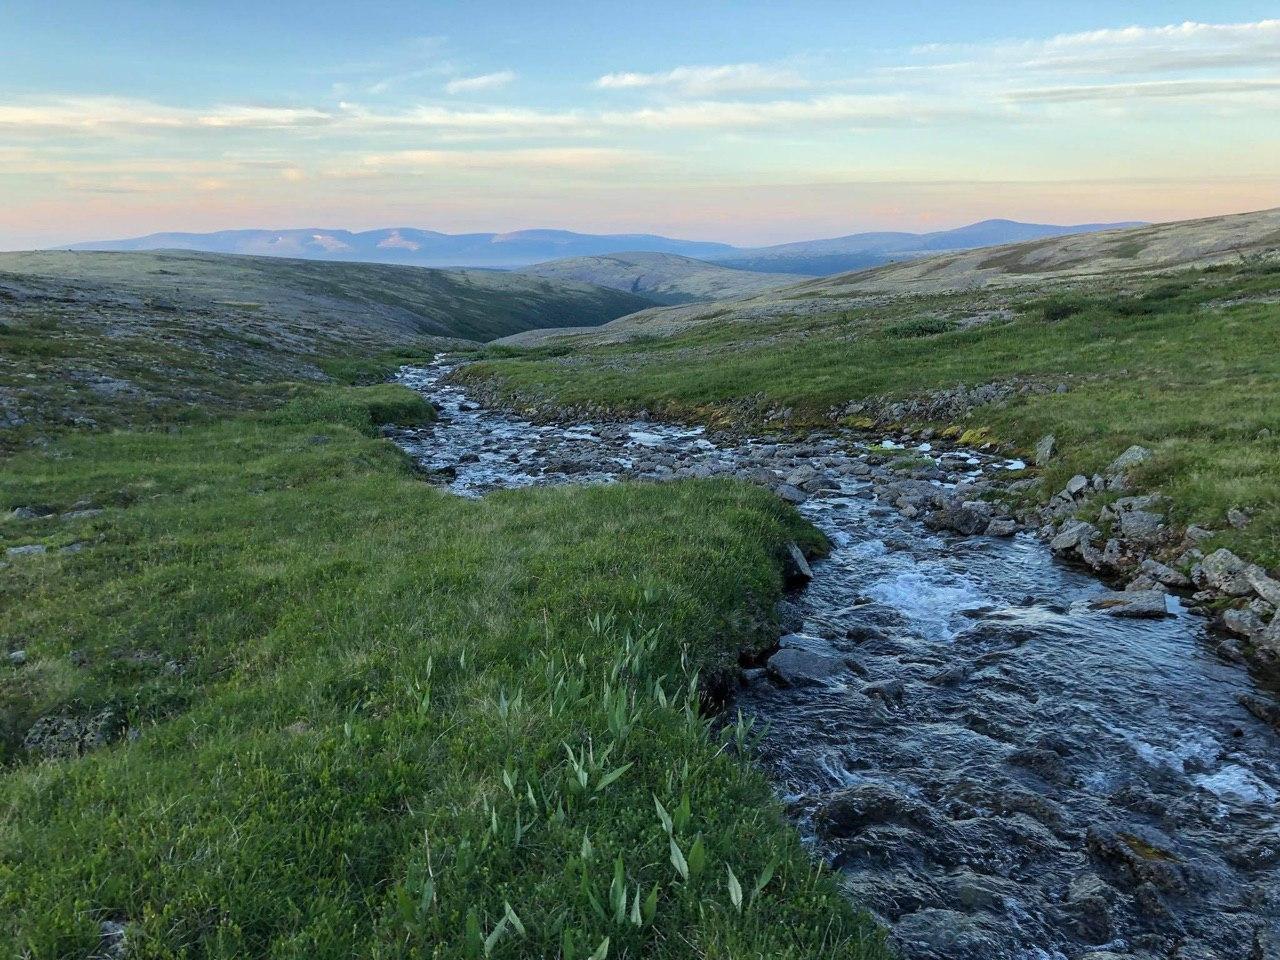 Непроизносимая саамская речка, текущая с Хибинских гор в Ловозерье; непроизносимая - потому что Капитан забыл название